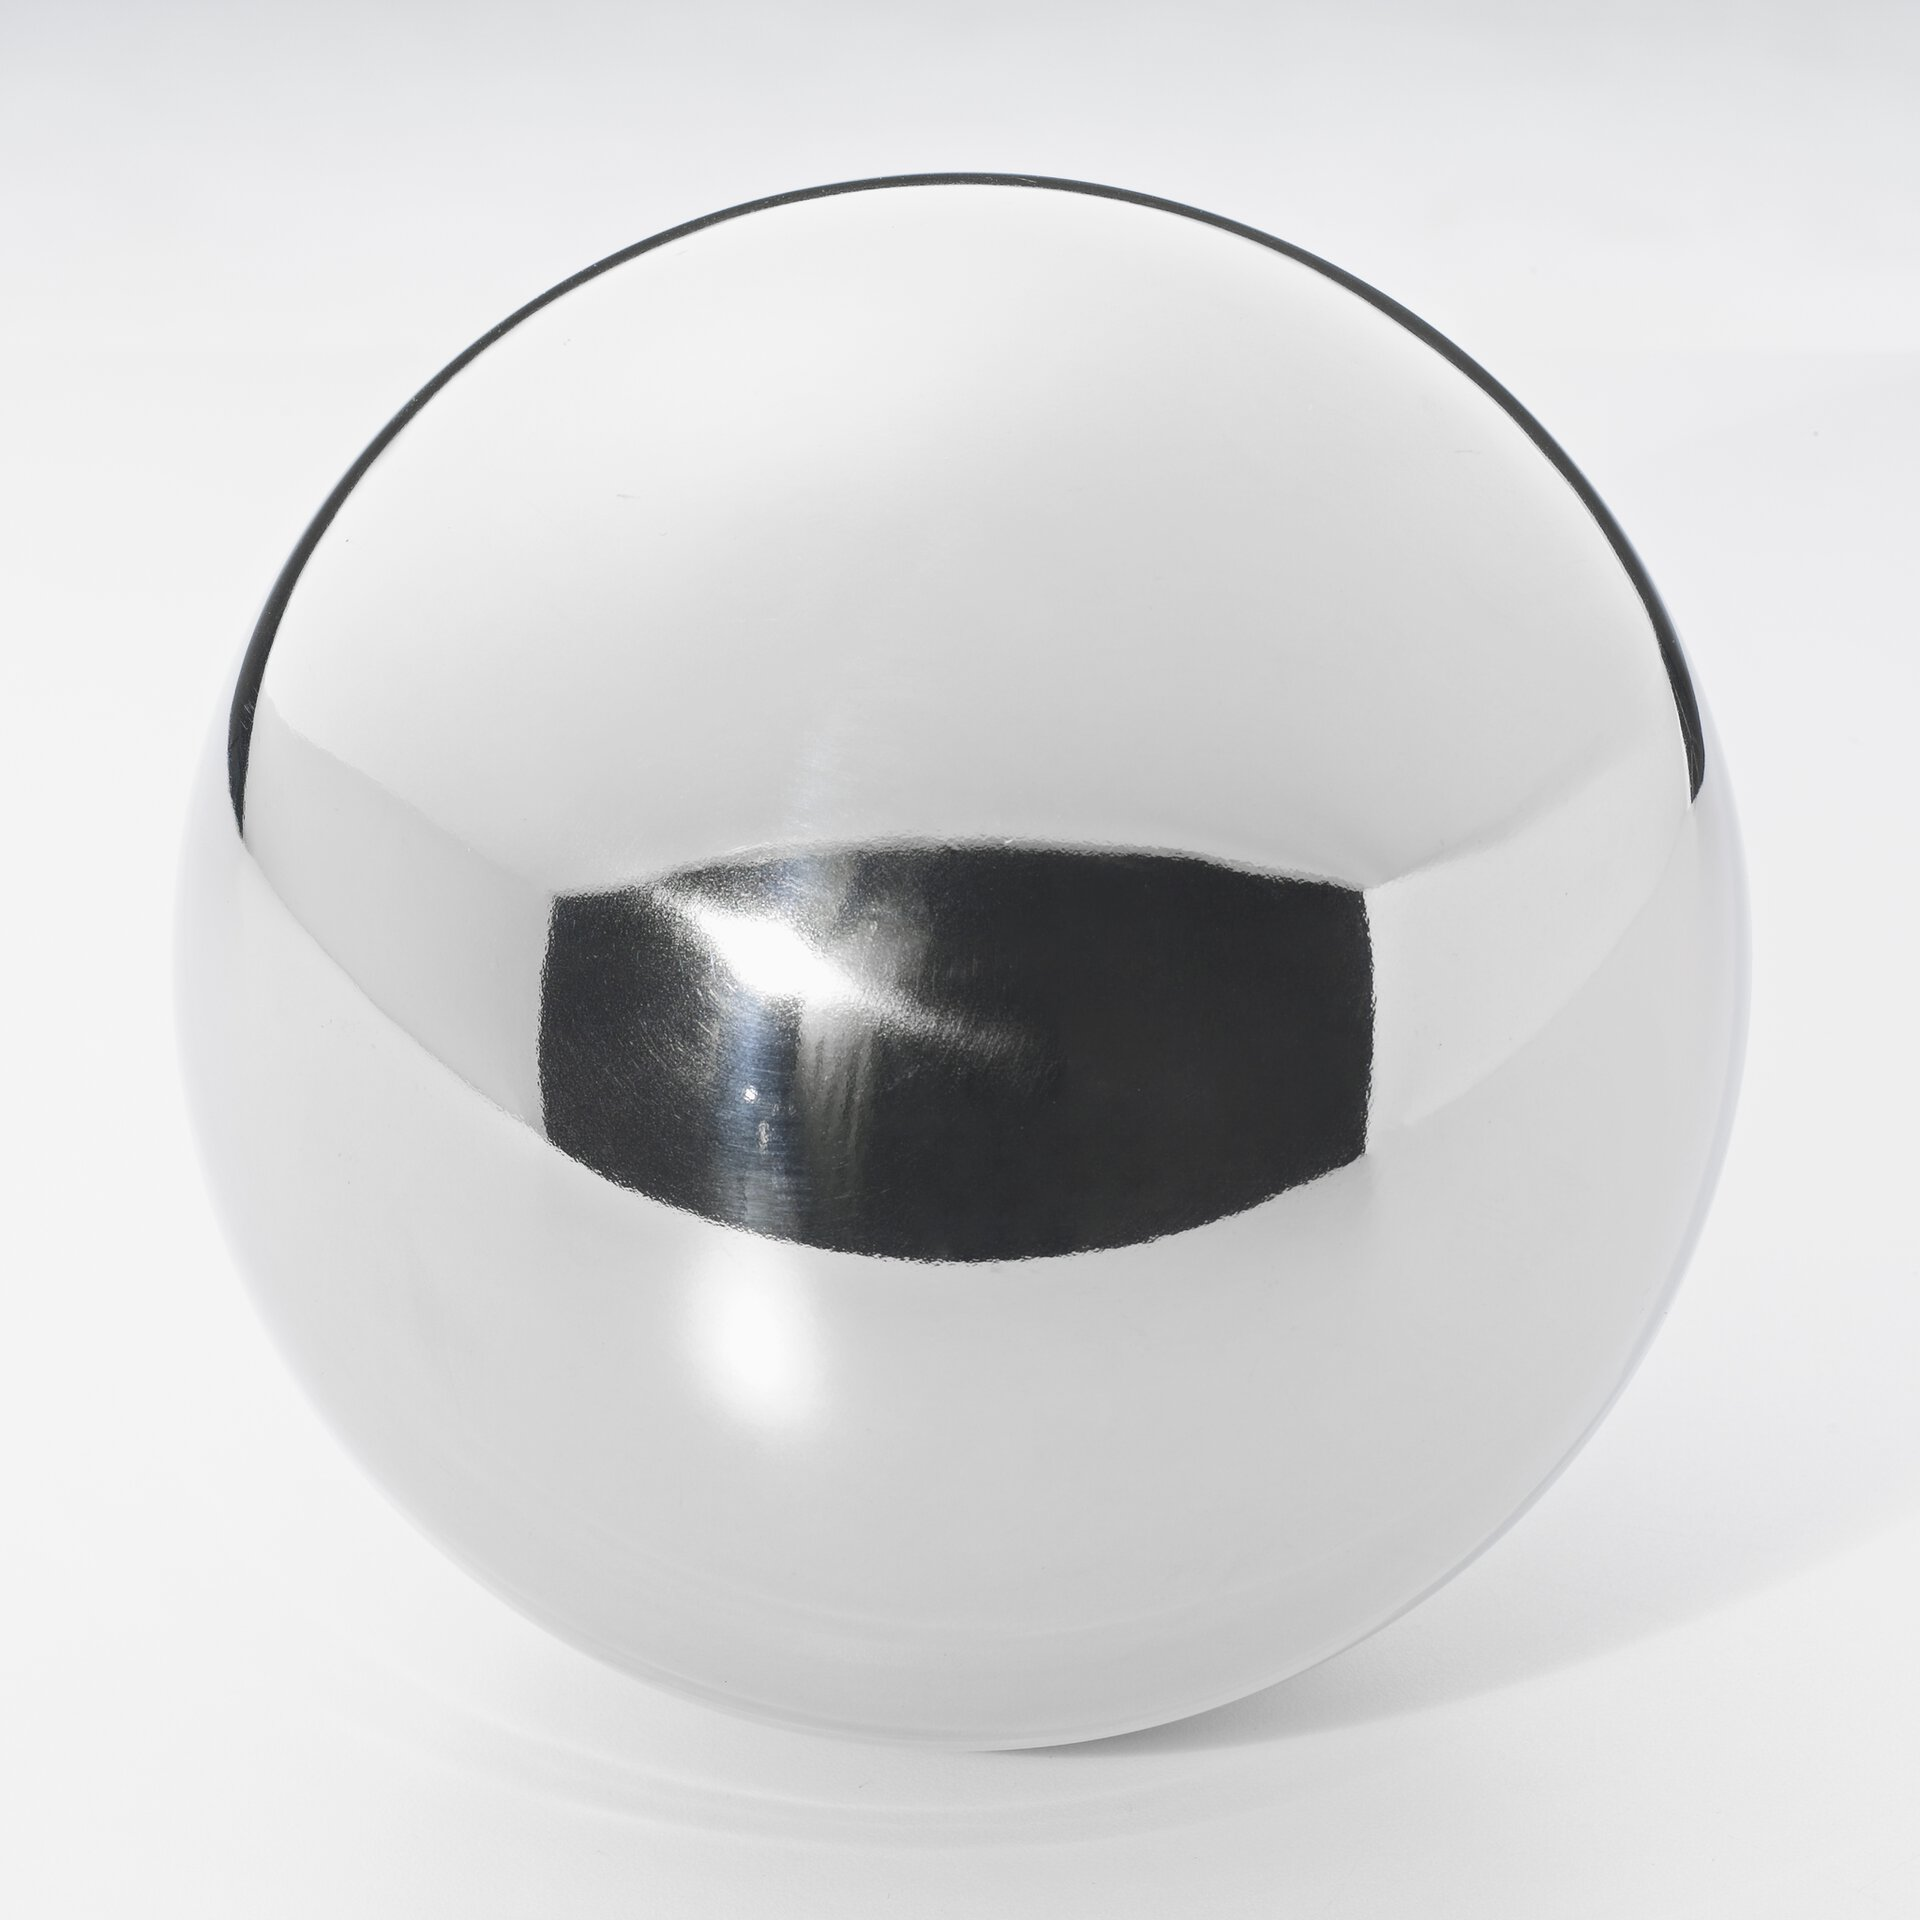 Dekorationsartikel - Casa Nova Metall silber 20 x